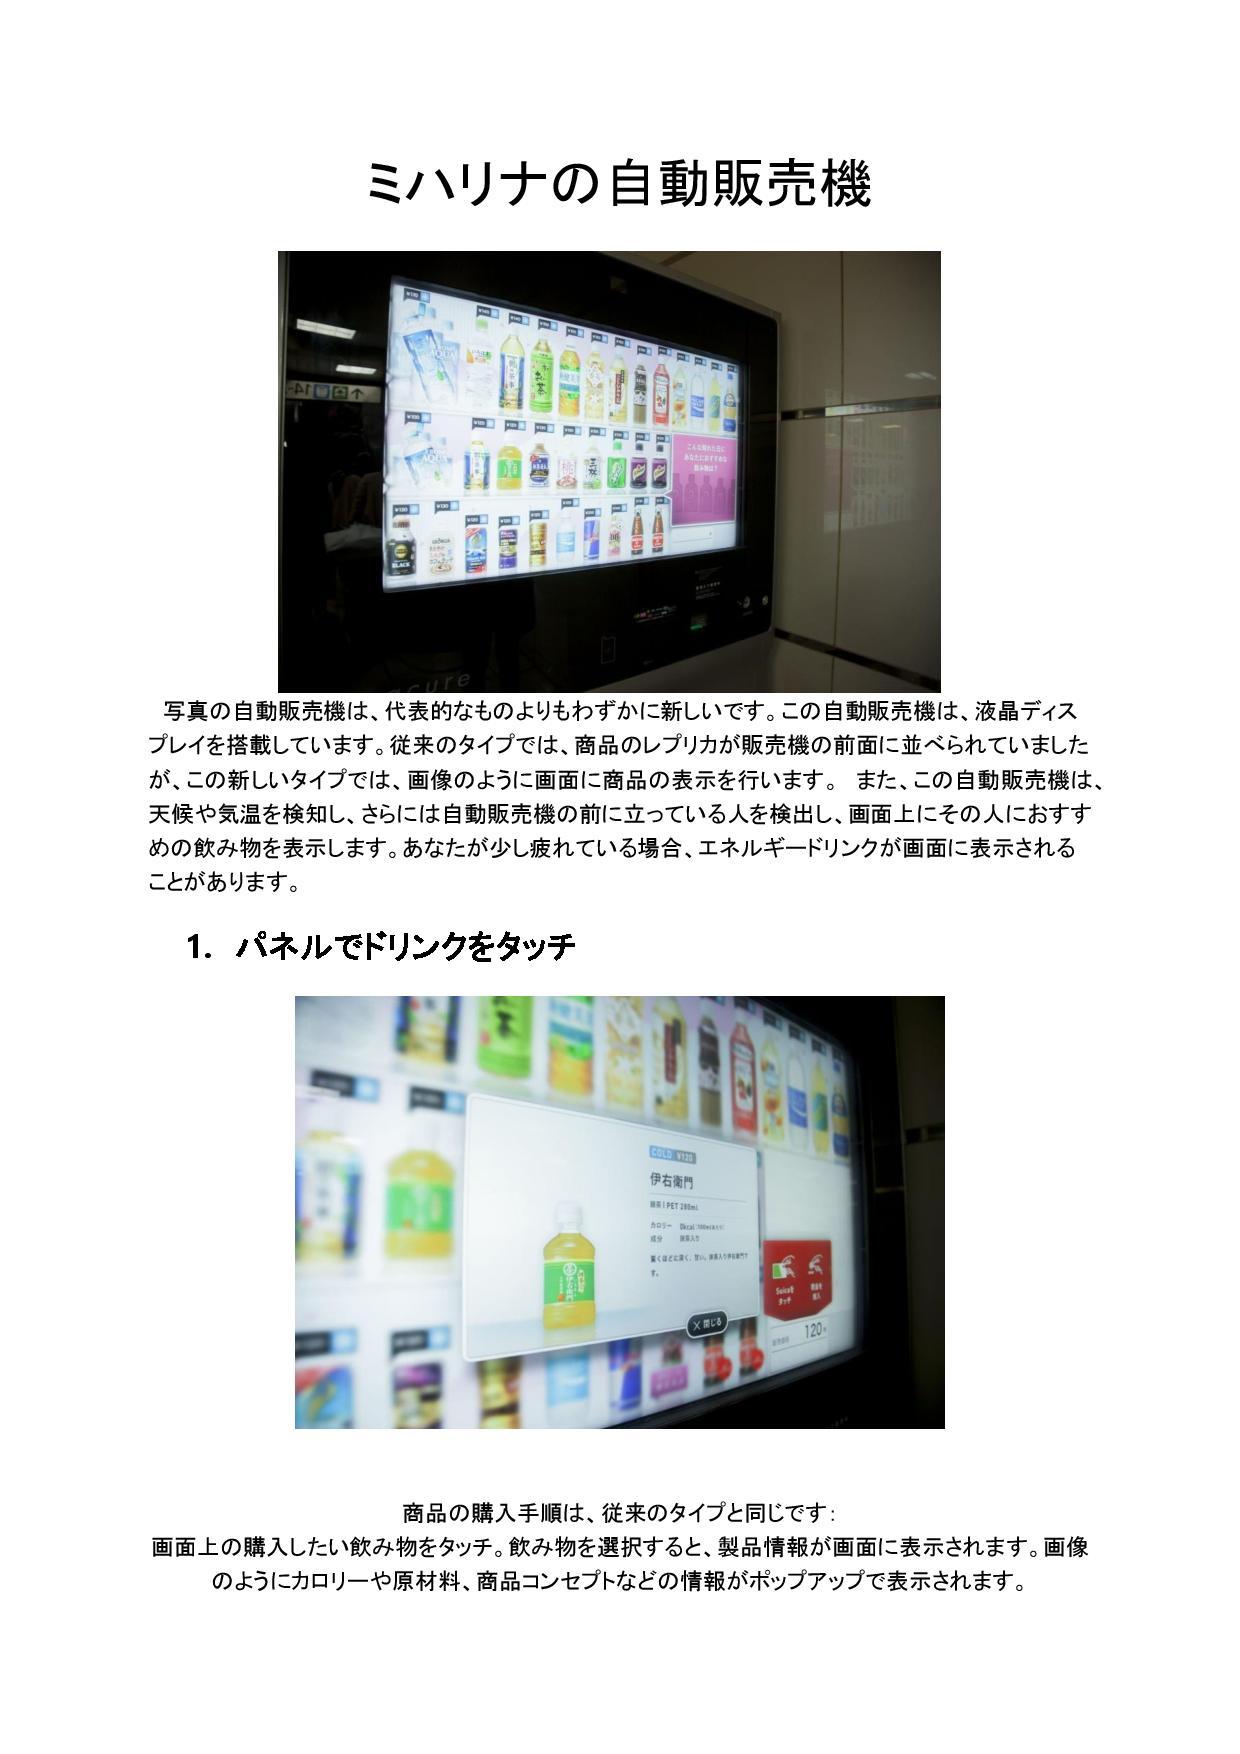 自動販売機-page-001